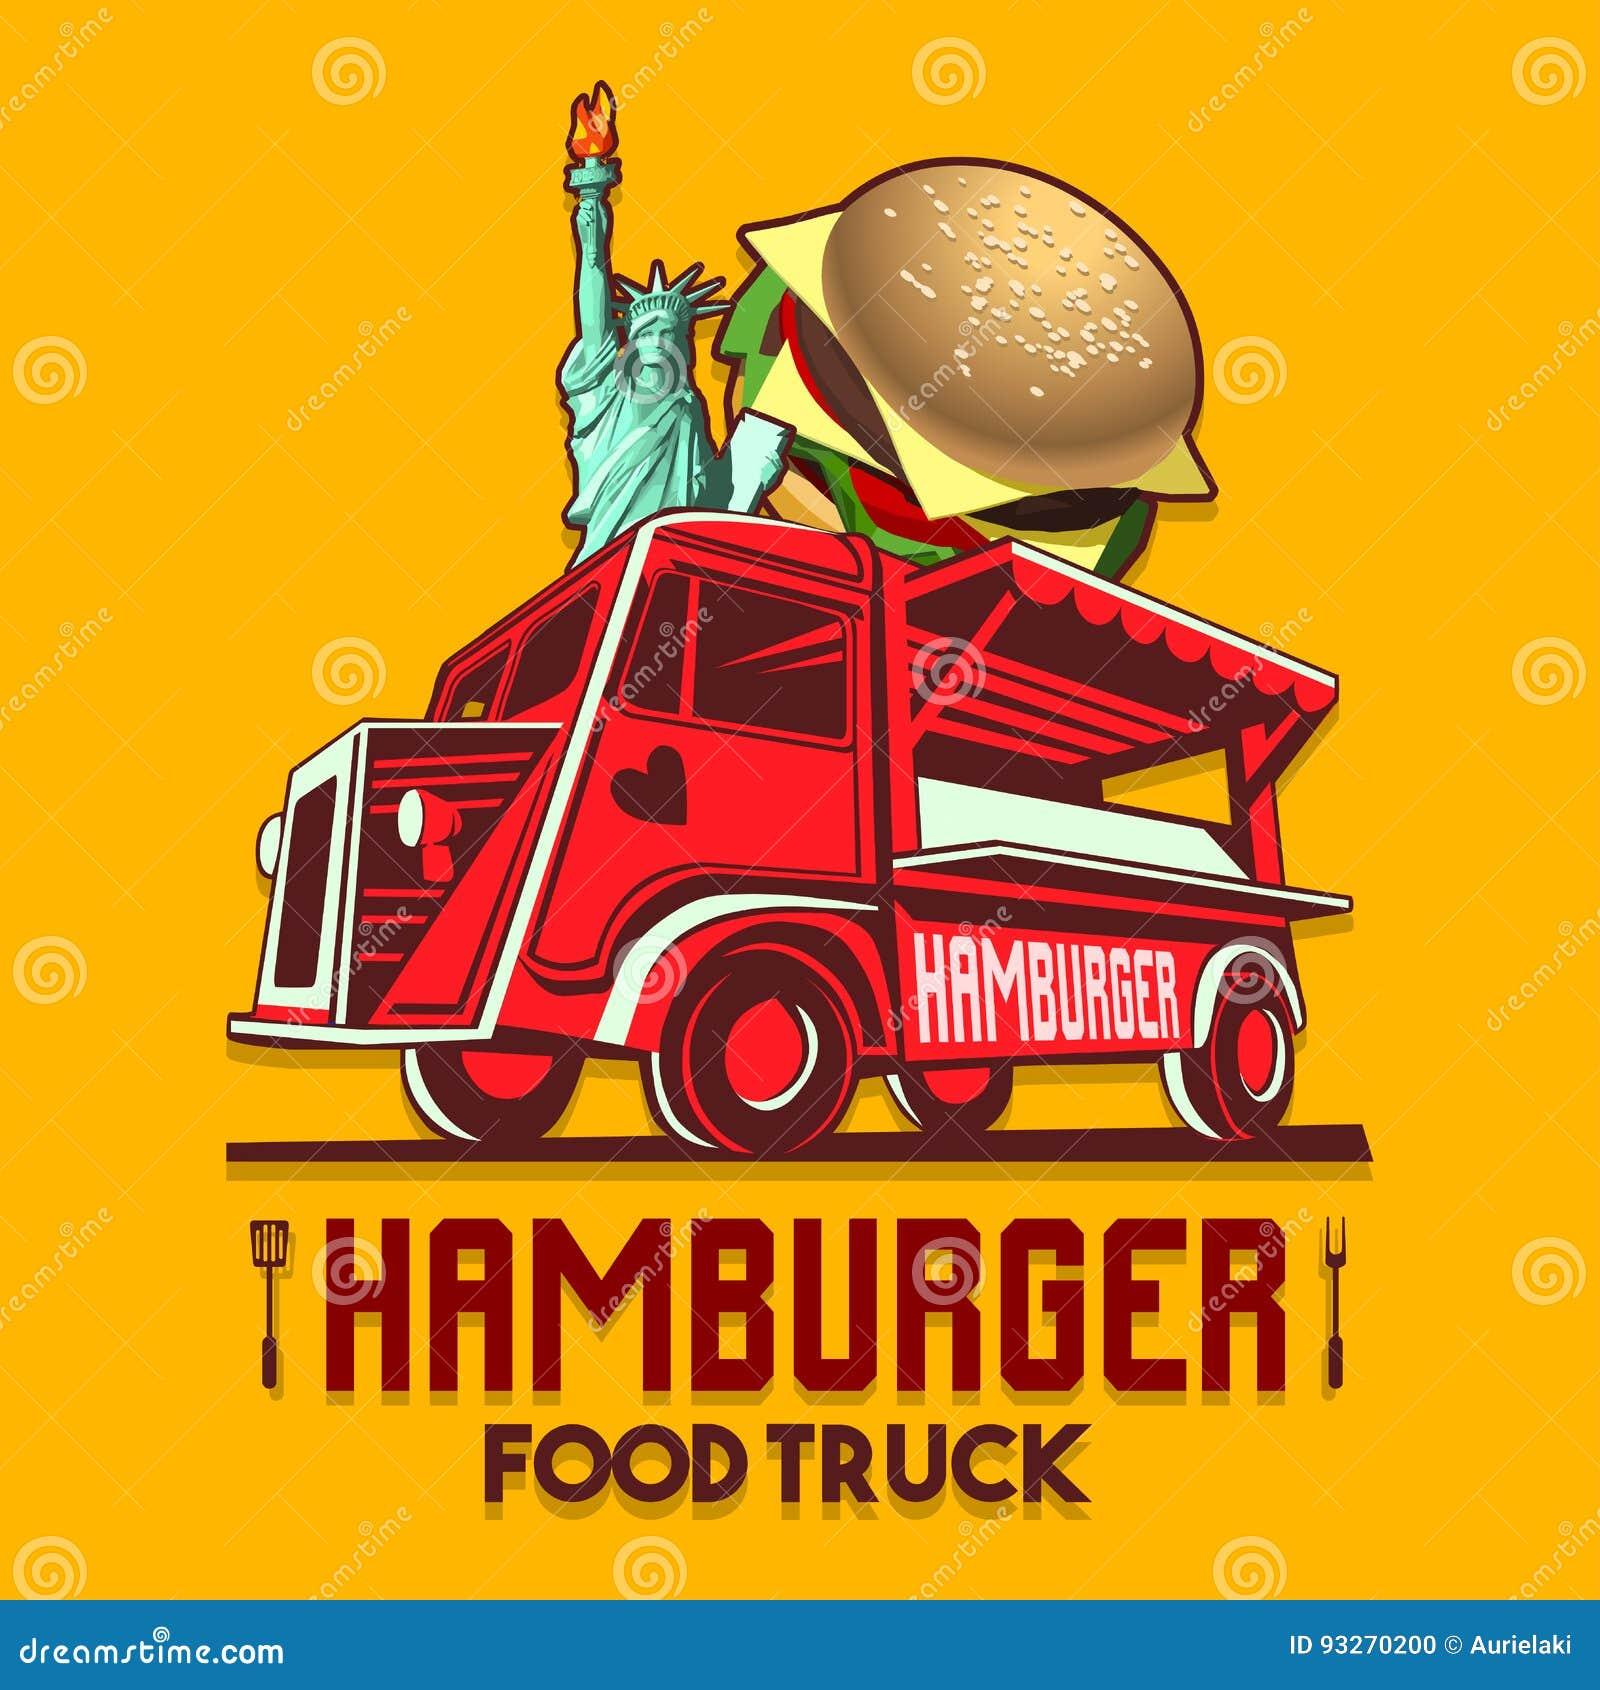 food truck hamburger burger fast delivery service vector logo stock vector illustration of. Black Bedroom Furniture Sets. Home Design Ideas